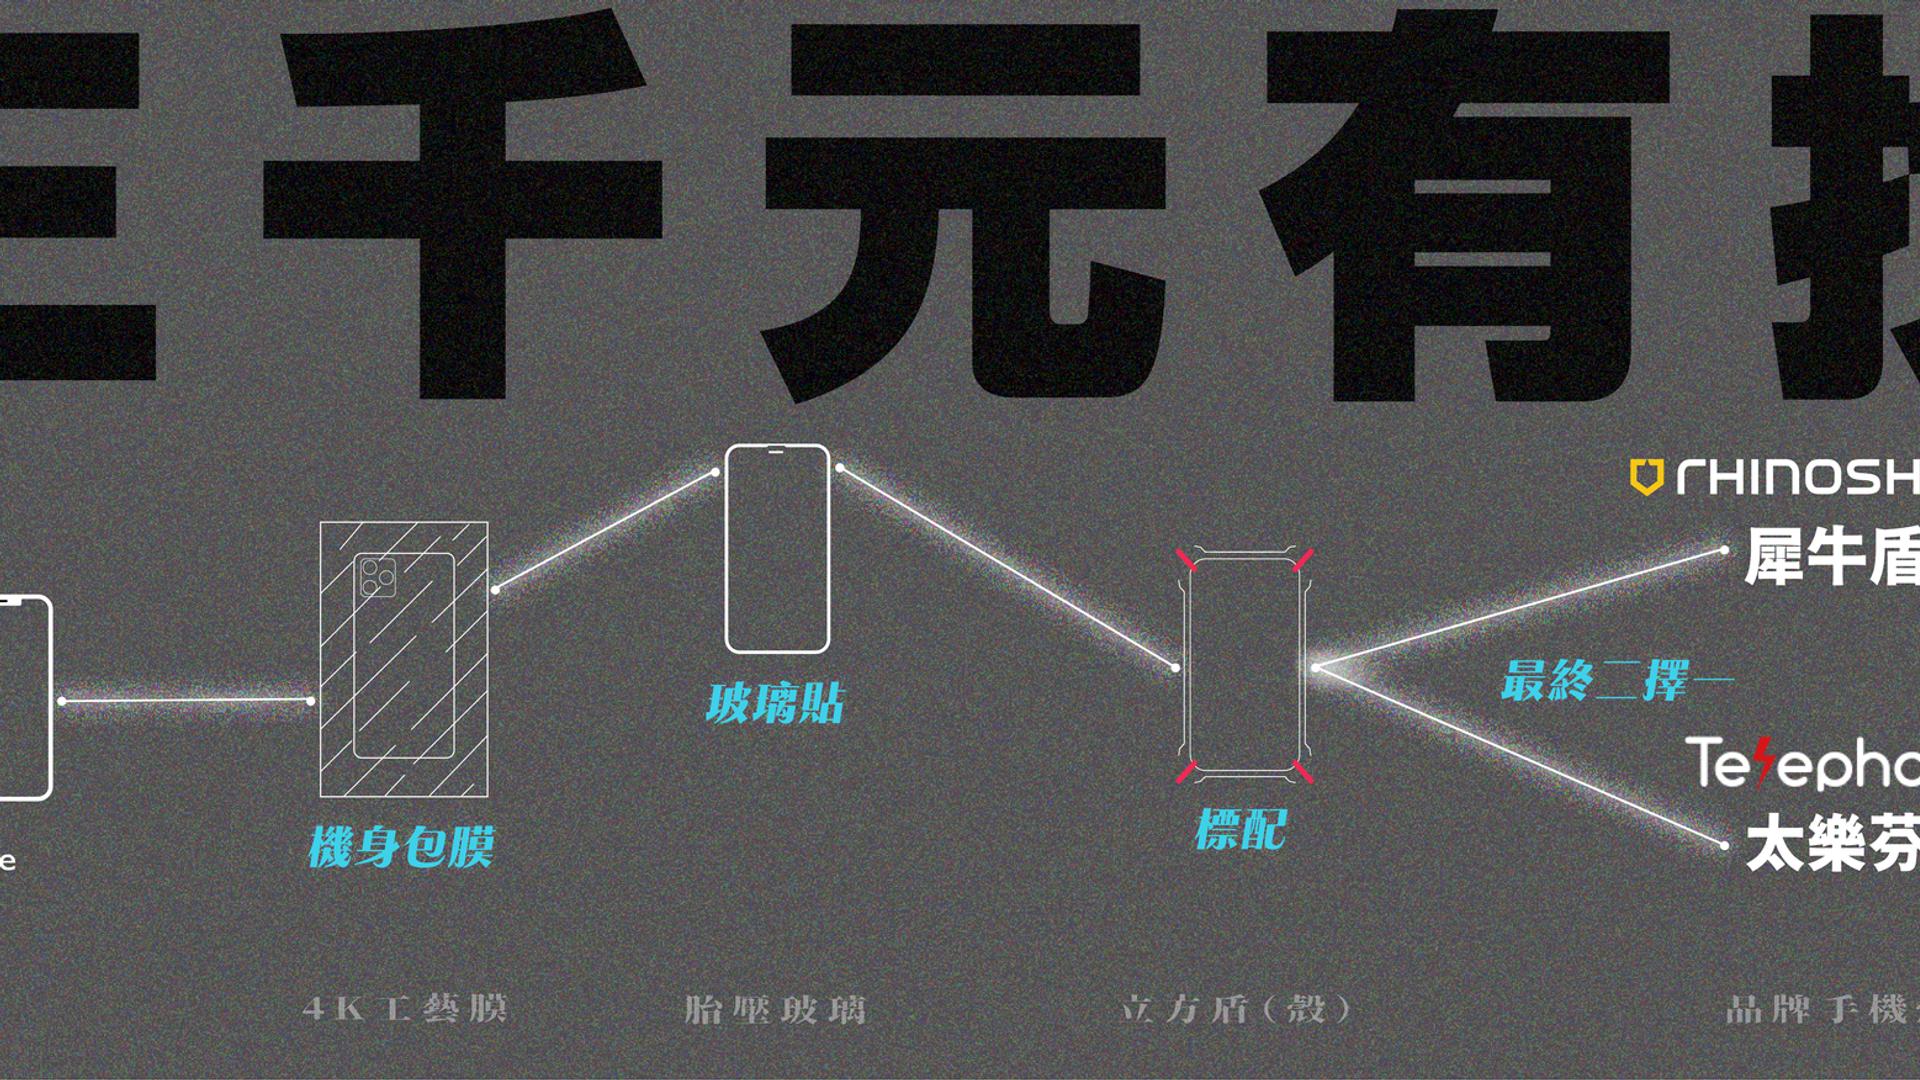 官網封面5-01.png